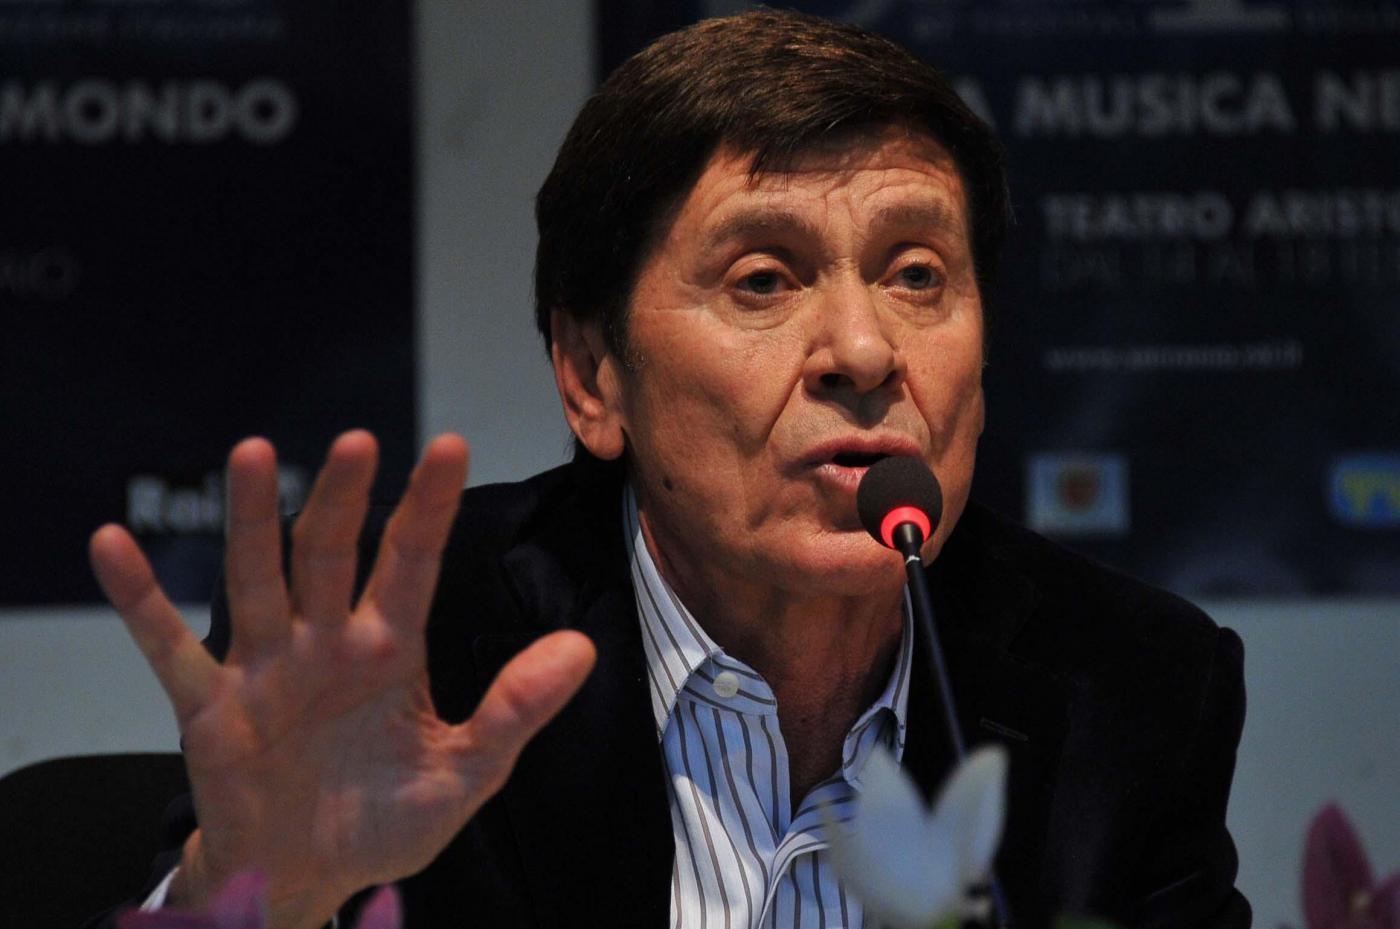 Sanremo 2012, live conferenza stampa della finale: Mazzi lascia il Festival: 'Chiudo qui la mia esperienza, non ho più idee'